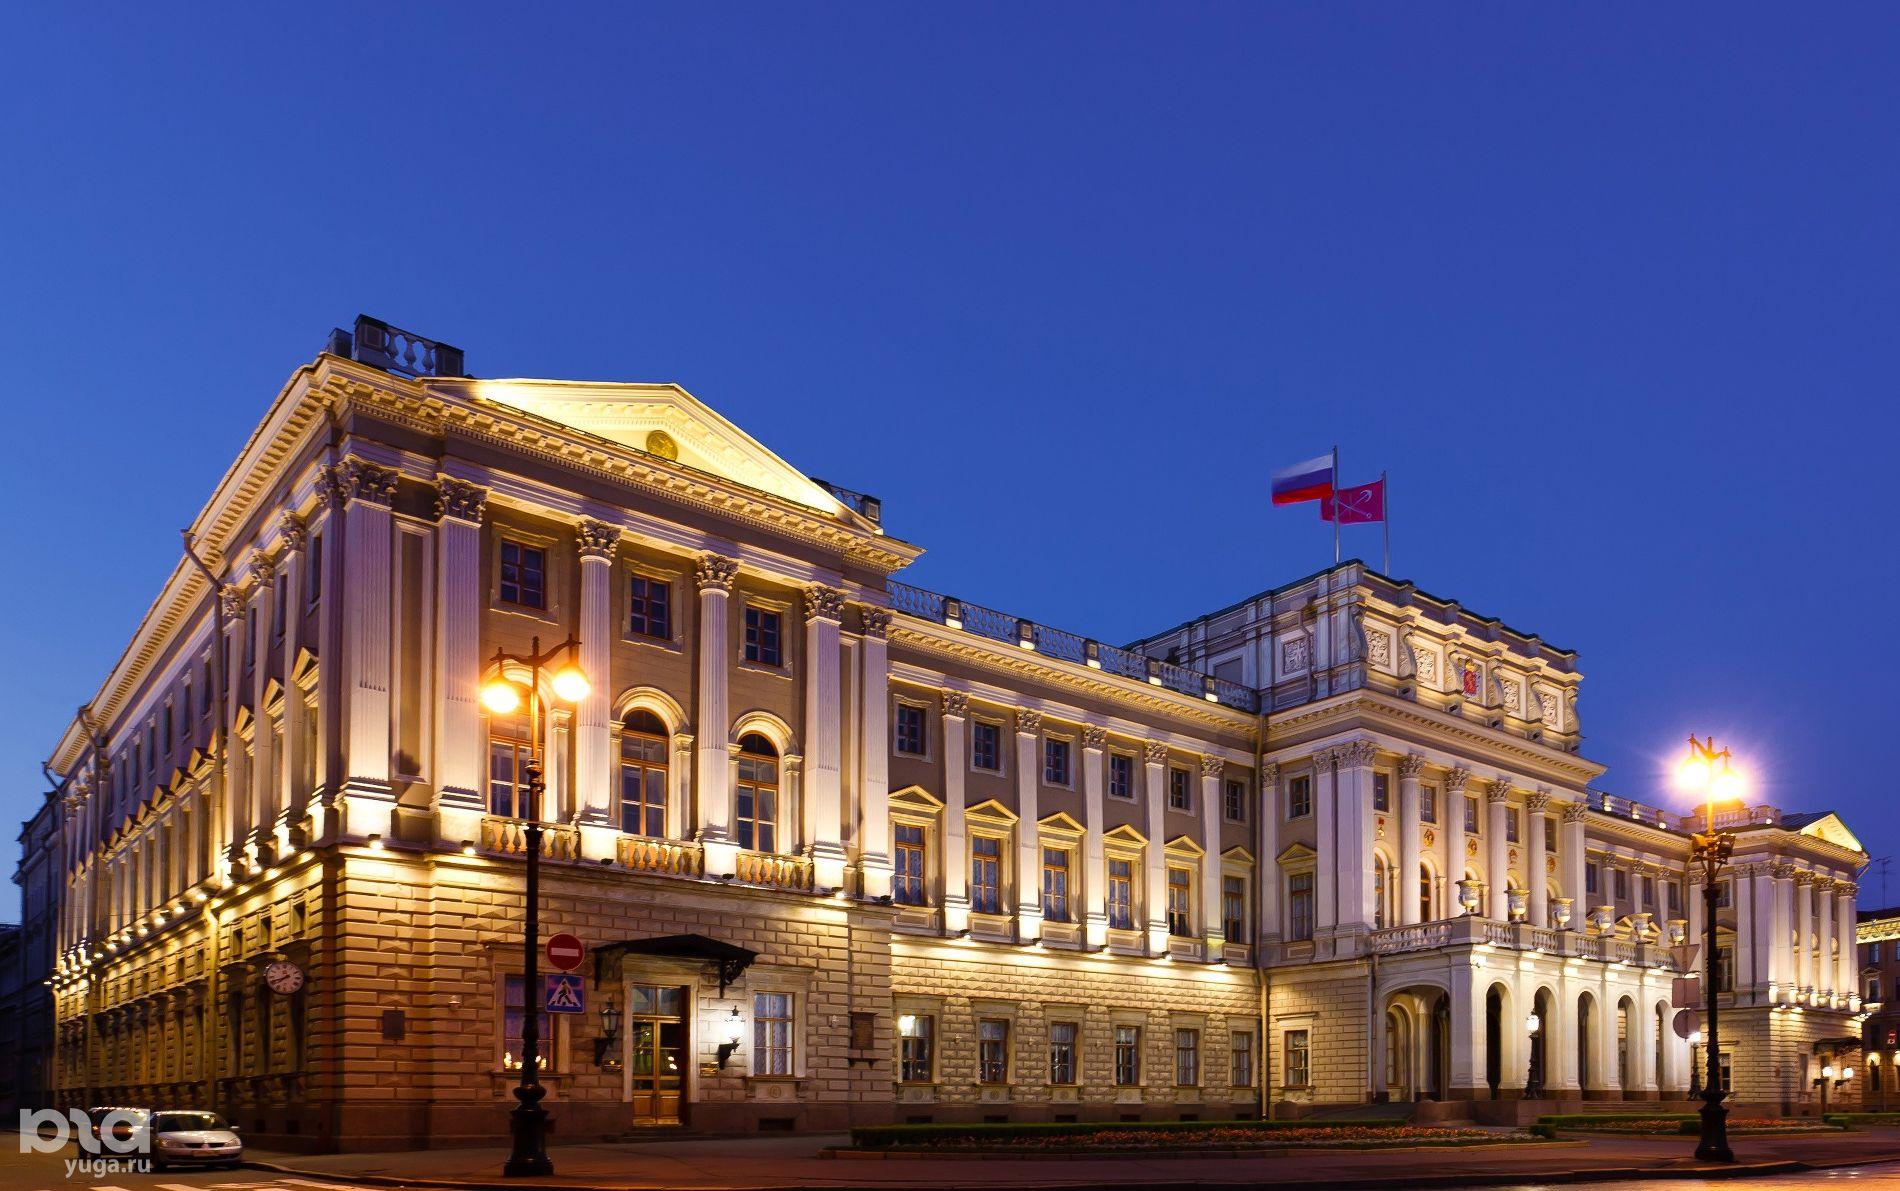 На фасаде здания Законодательного собрания Санкт-Петербурга кондиционеров нет ©Фото с сайта wikimedia.org